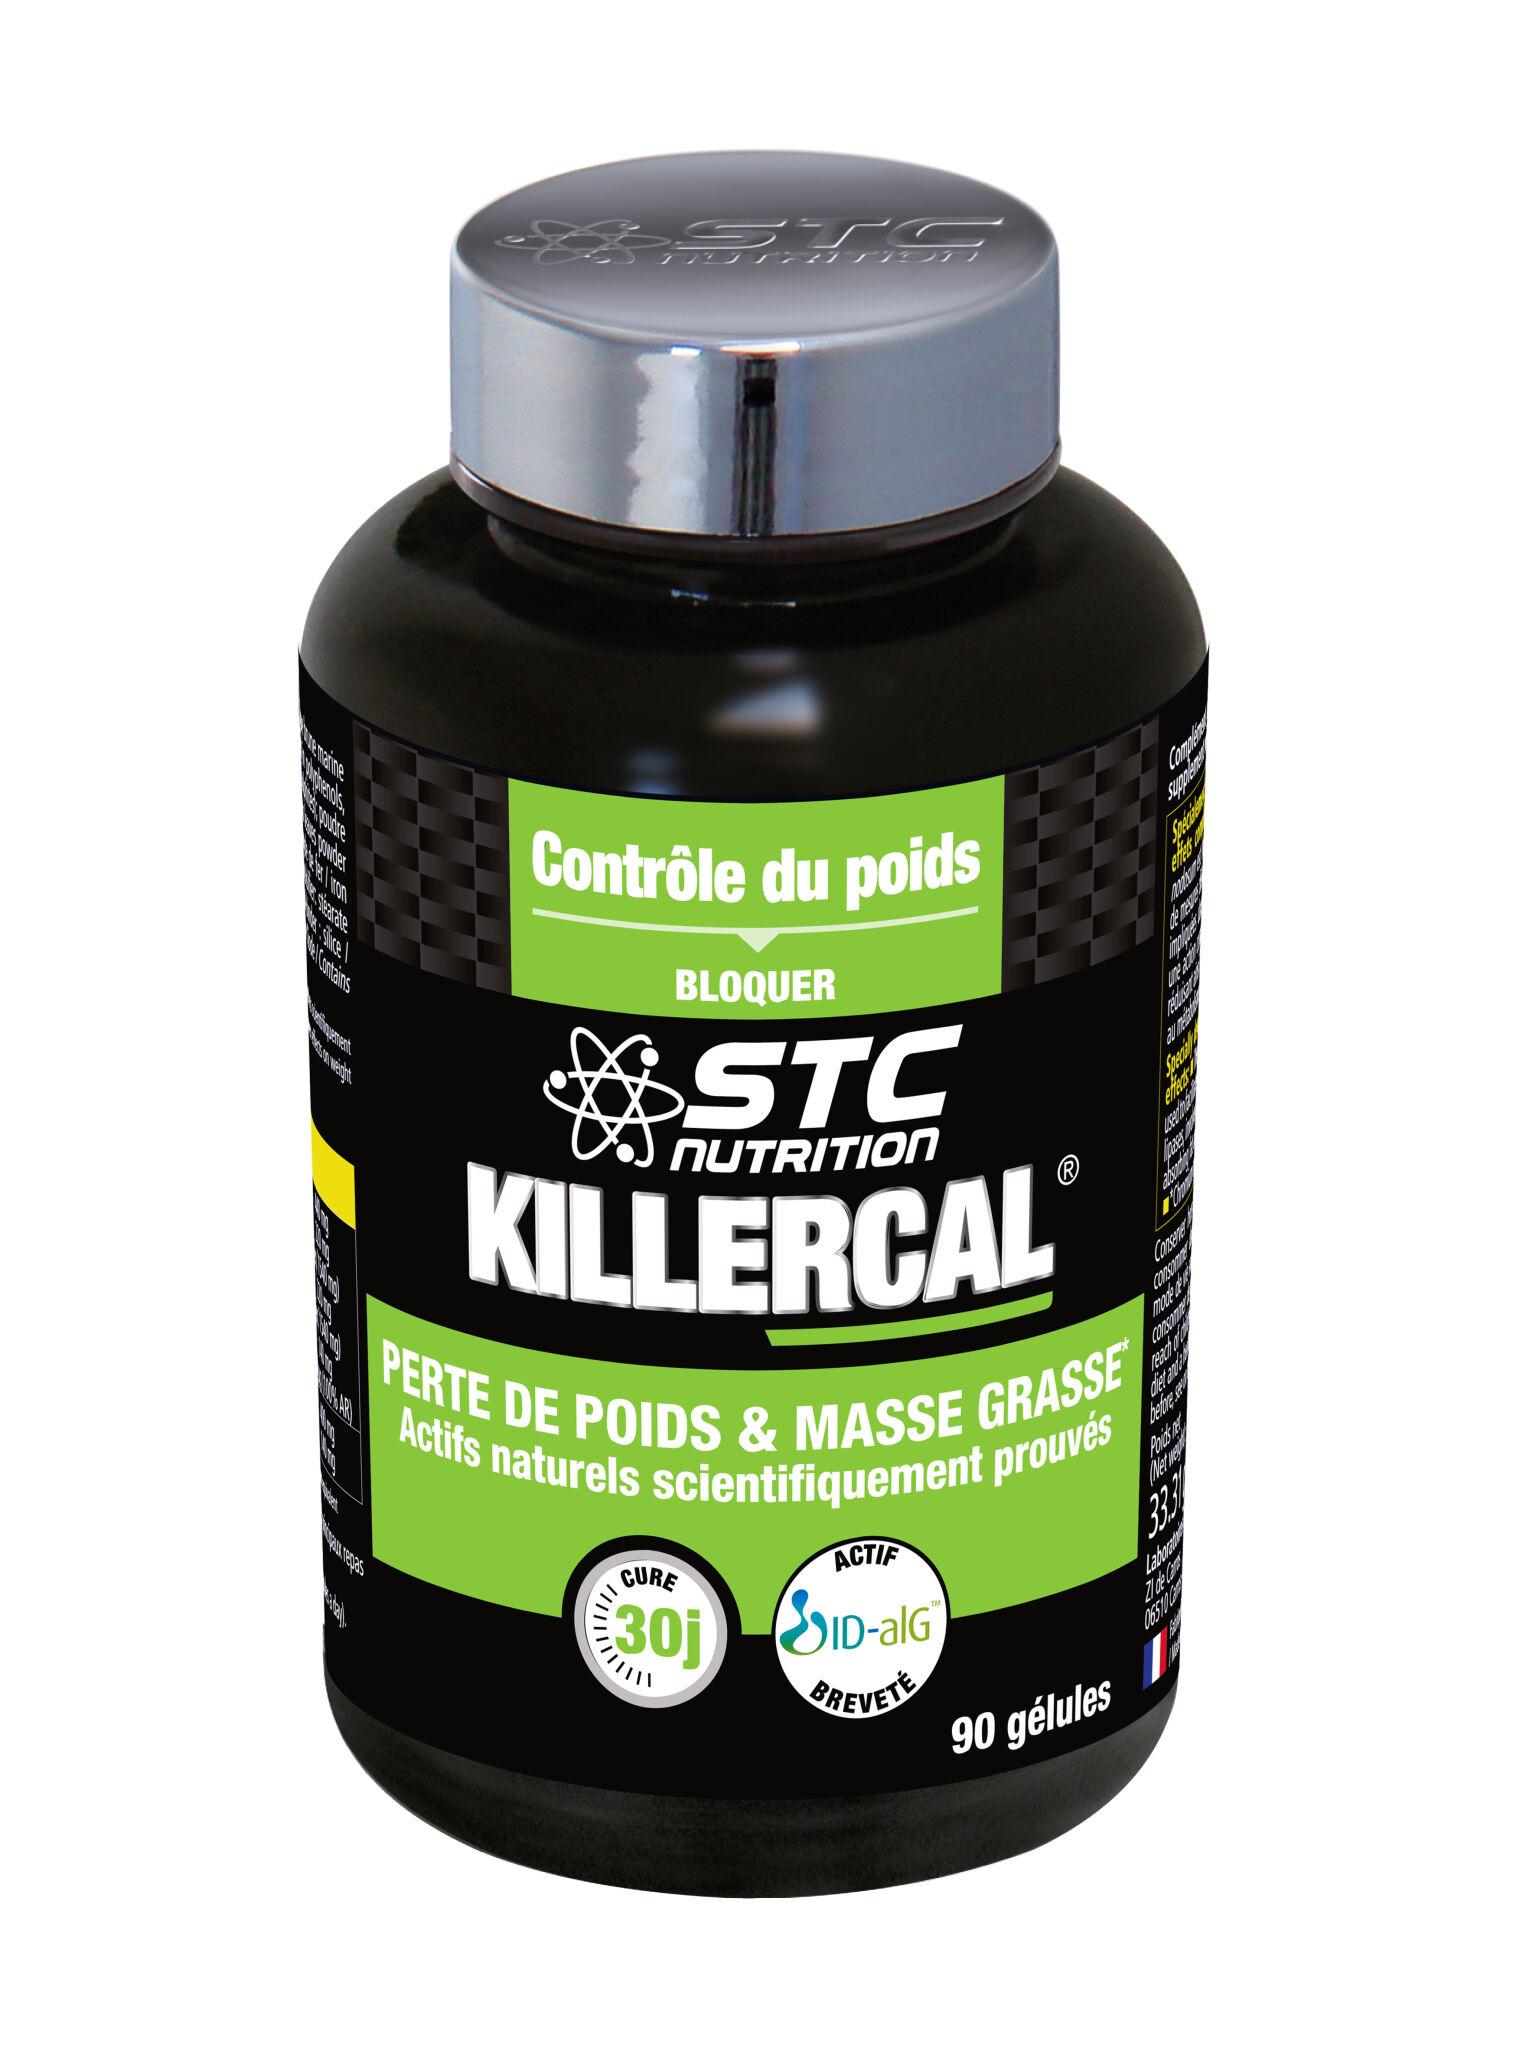 Stc nutrition killercal 90 gelules